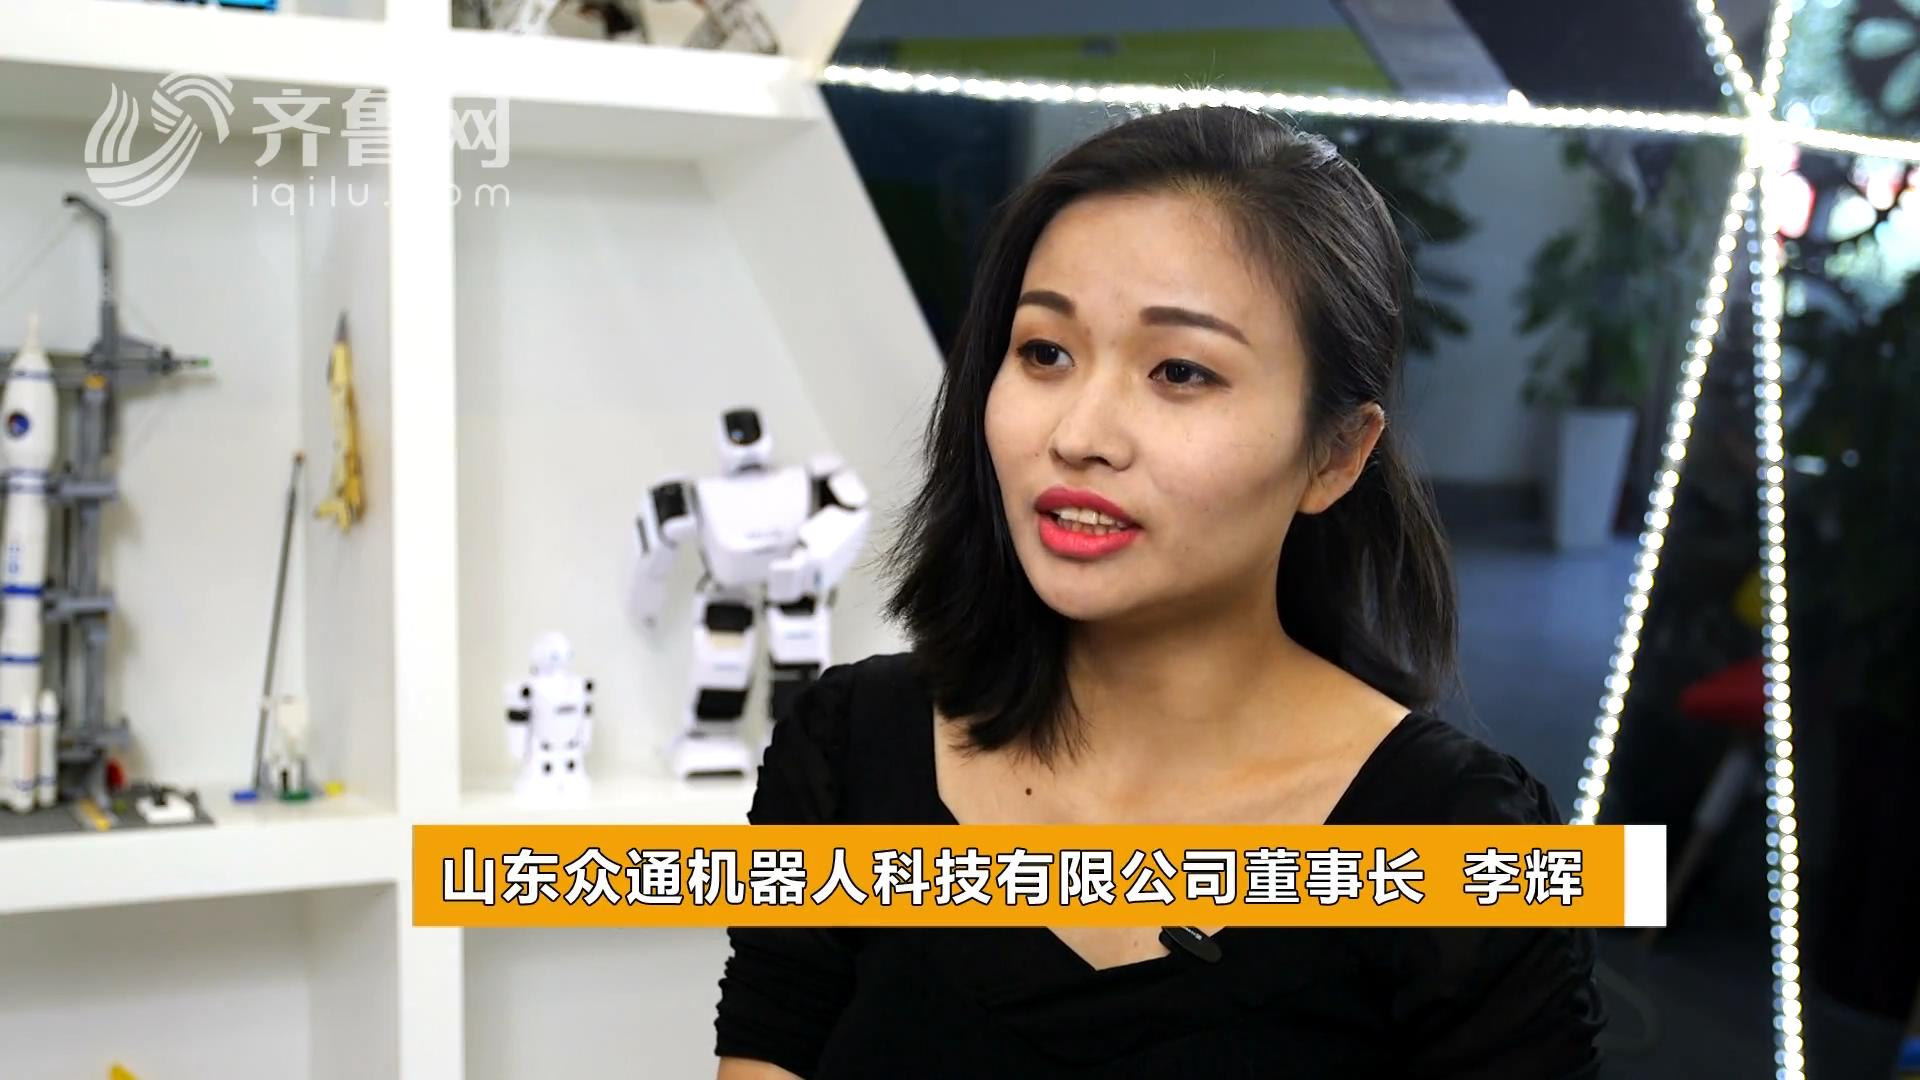 山东众通科技、唯思机器人董事长李辉专访